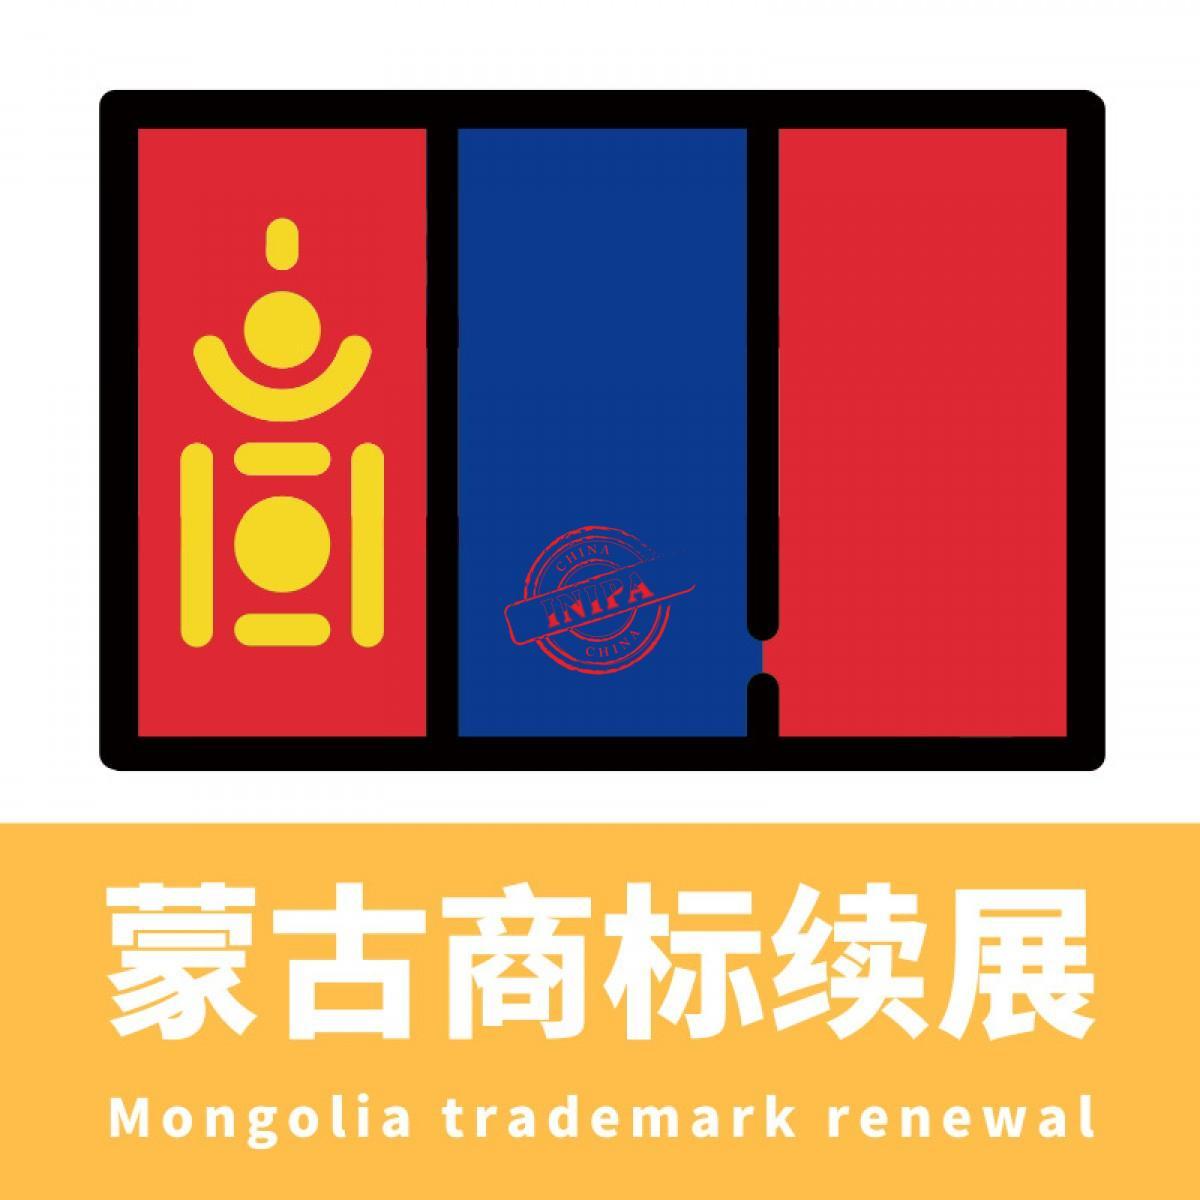 蒙古商标续展/Mongolia trademark renewal